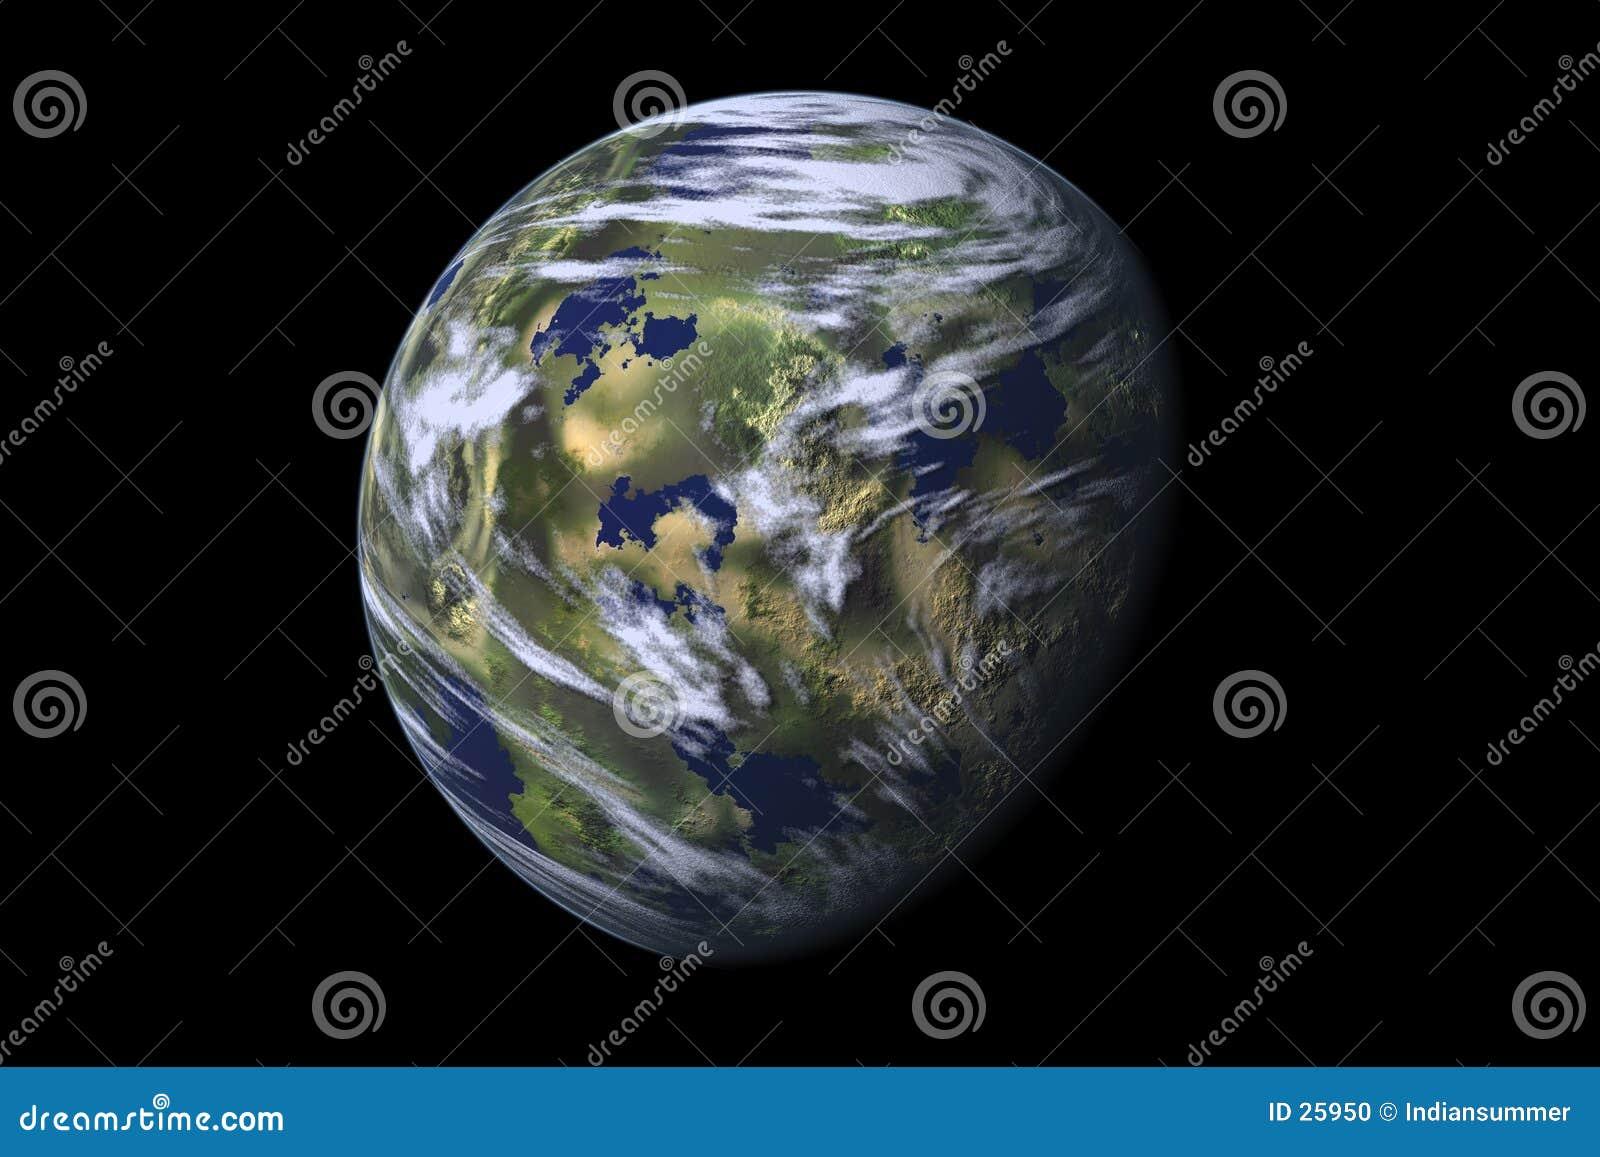 Mettez à la terre la planète, II